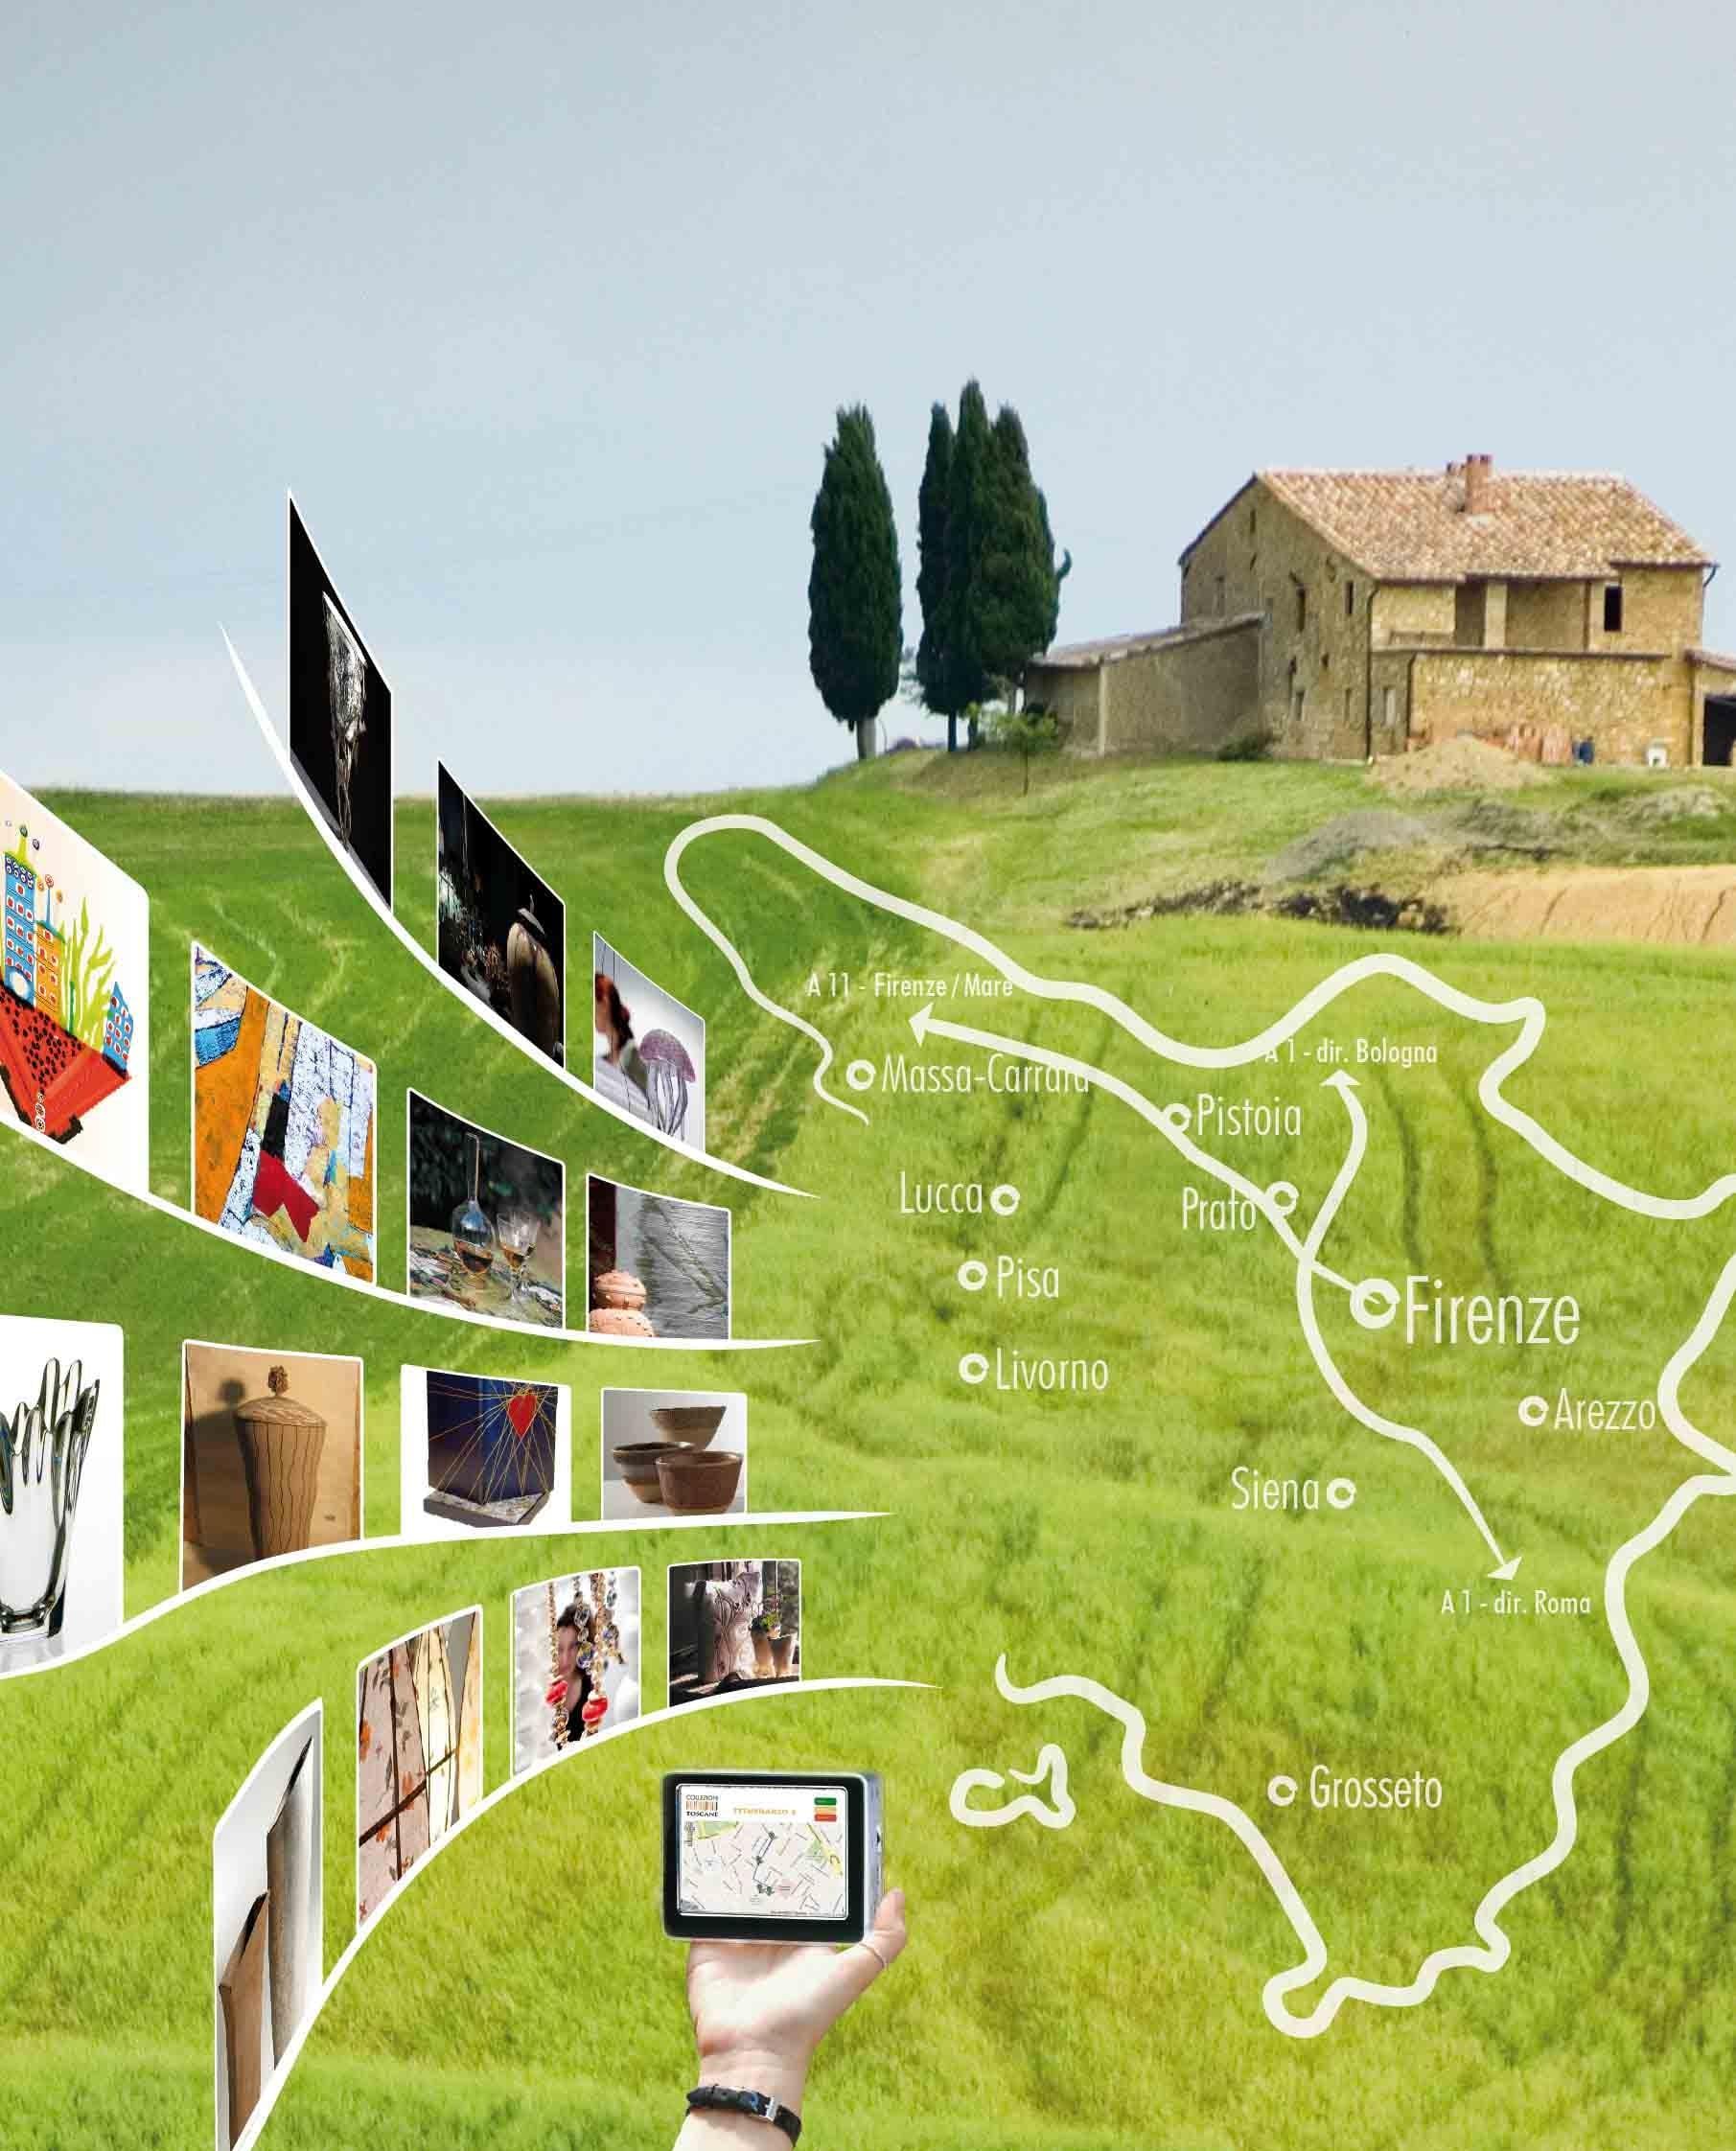 La Toscana in un'App, Artex presenta Artour Toscana, la 'mappatura del fatto a mano' che raccoglie gli itinerari delle eccellenze